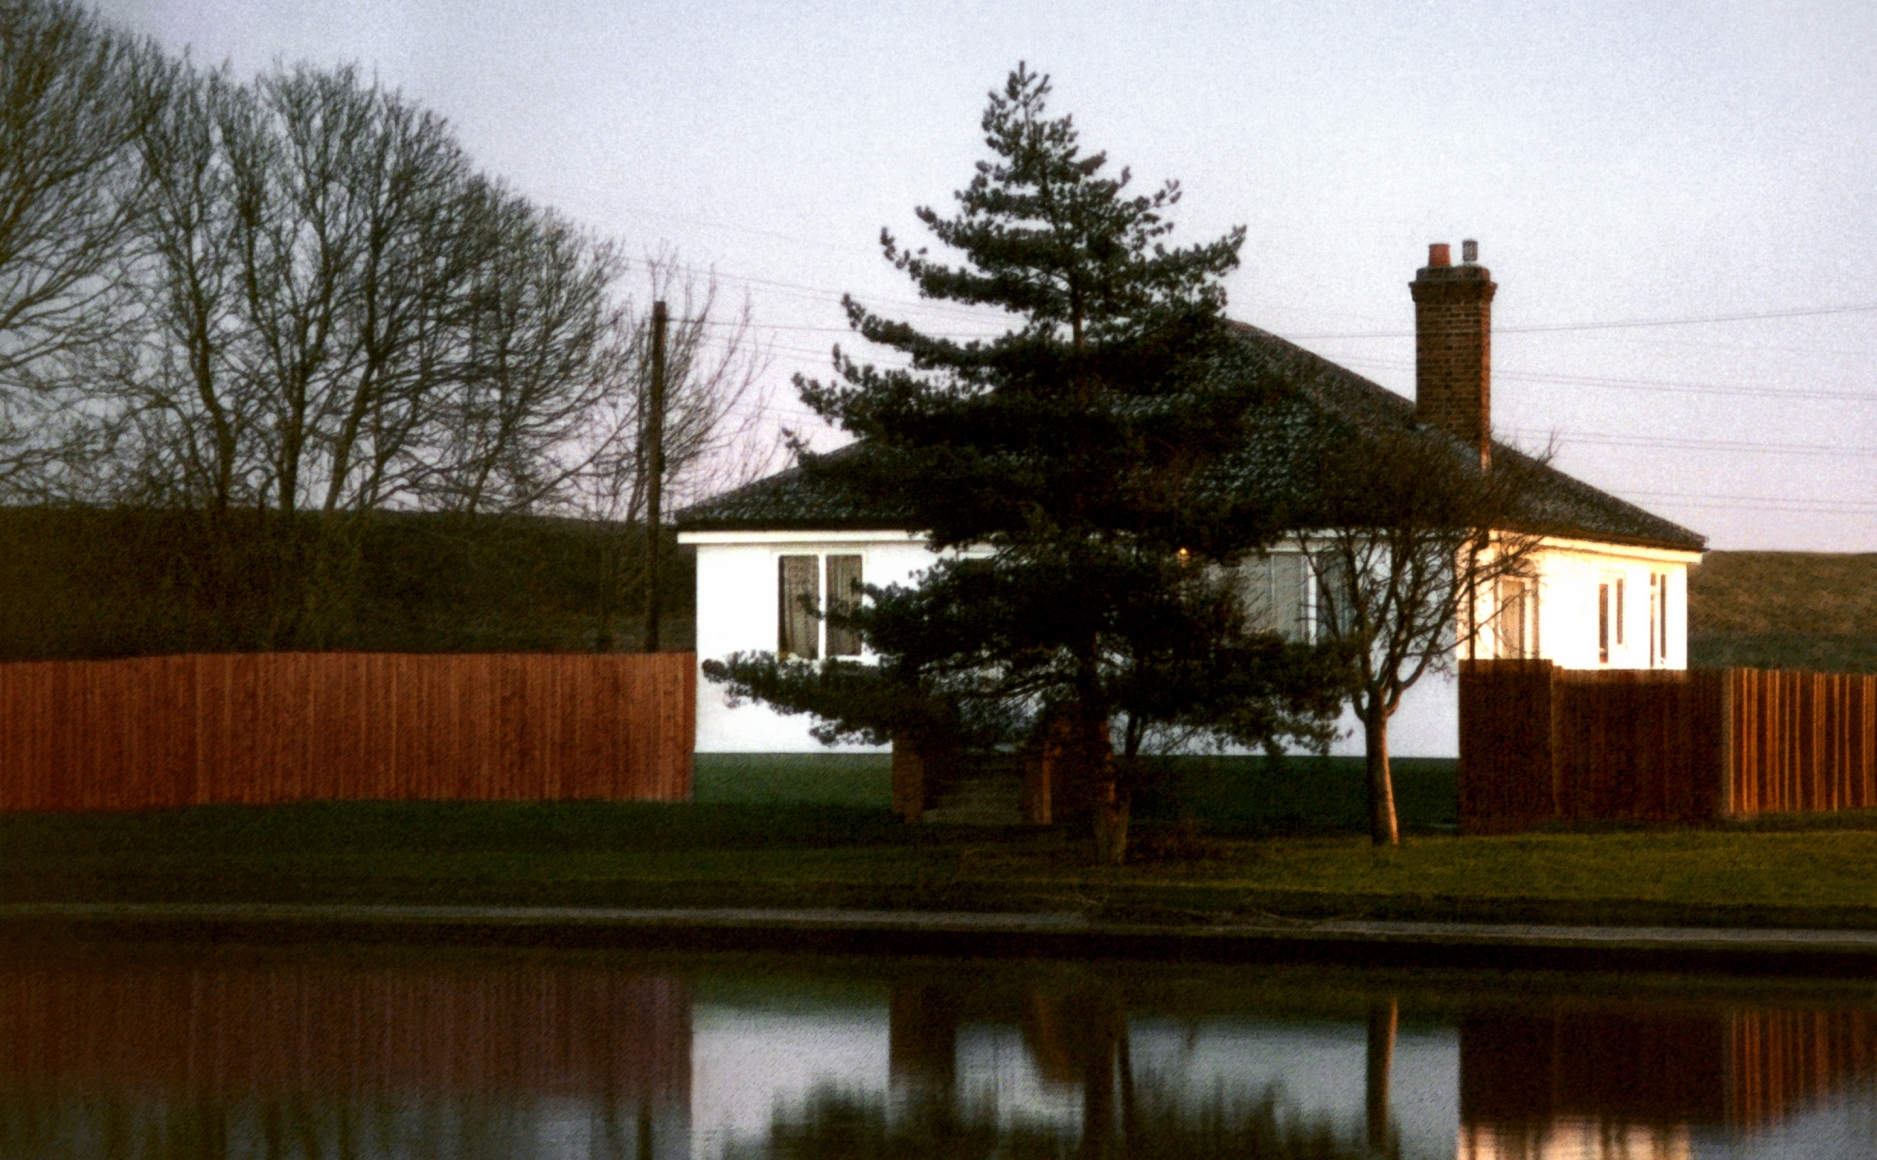 JÖRG SASSE, 7747, 1998